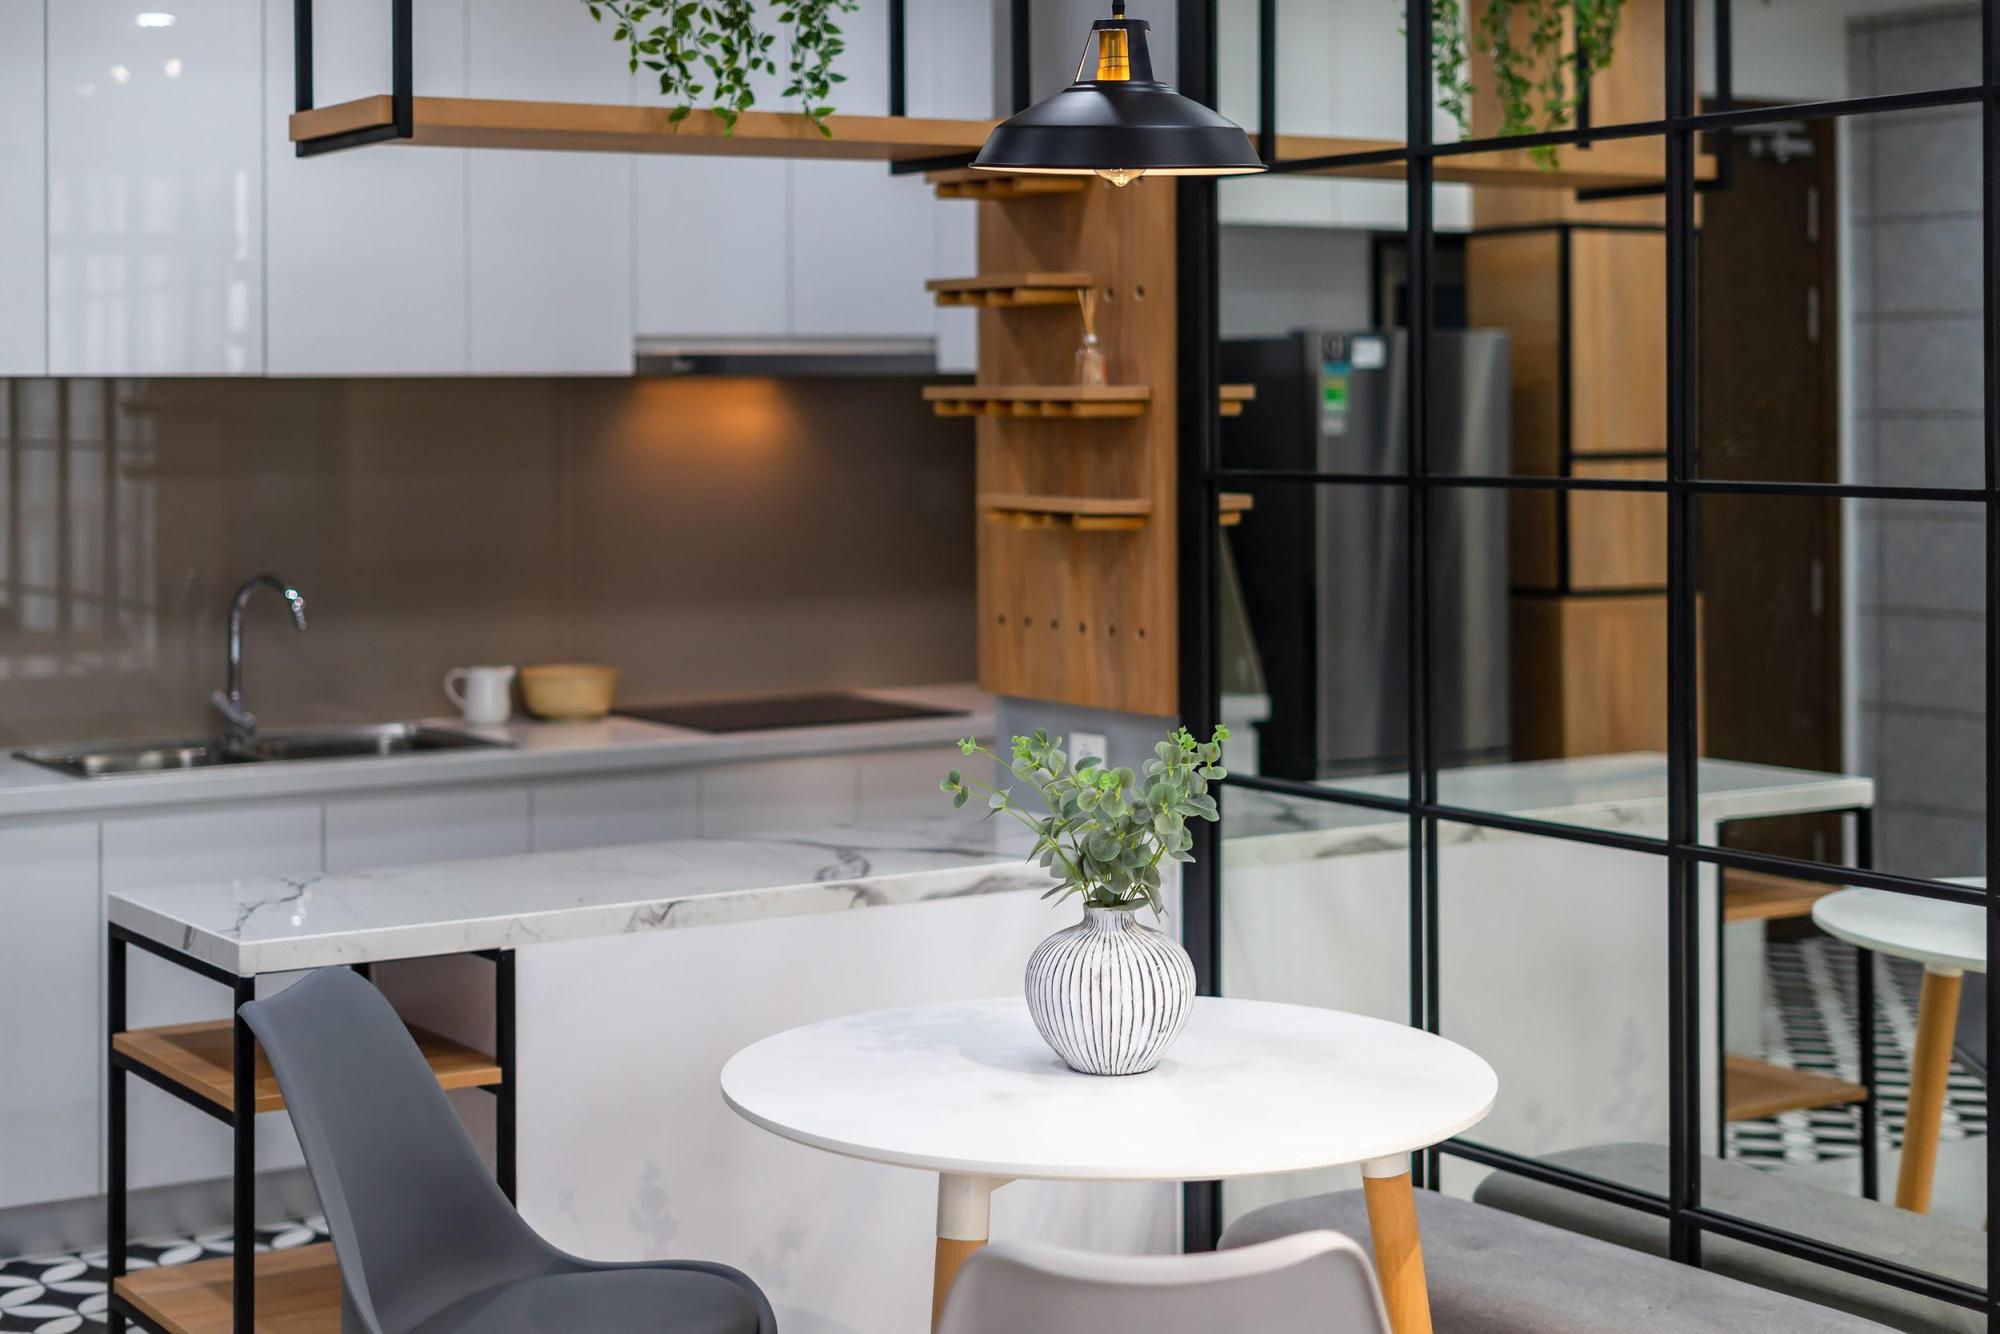 Industrial Style - Gợi ý không thể bỏ qua cho người thích không gian sống mộc mạc - Ảnh 5.